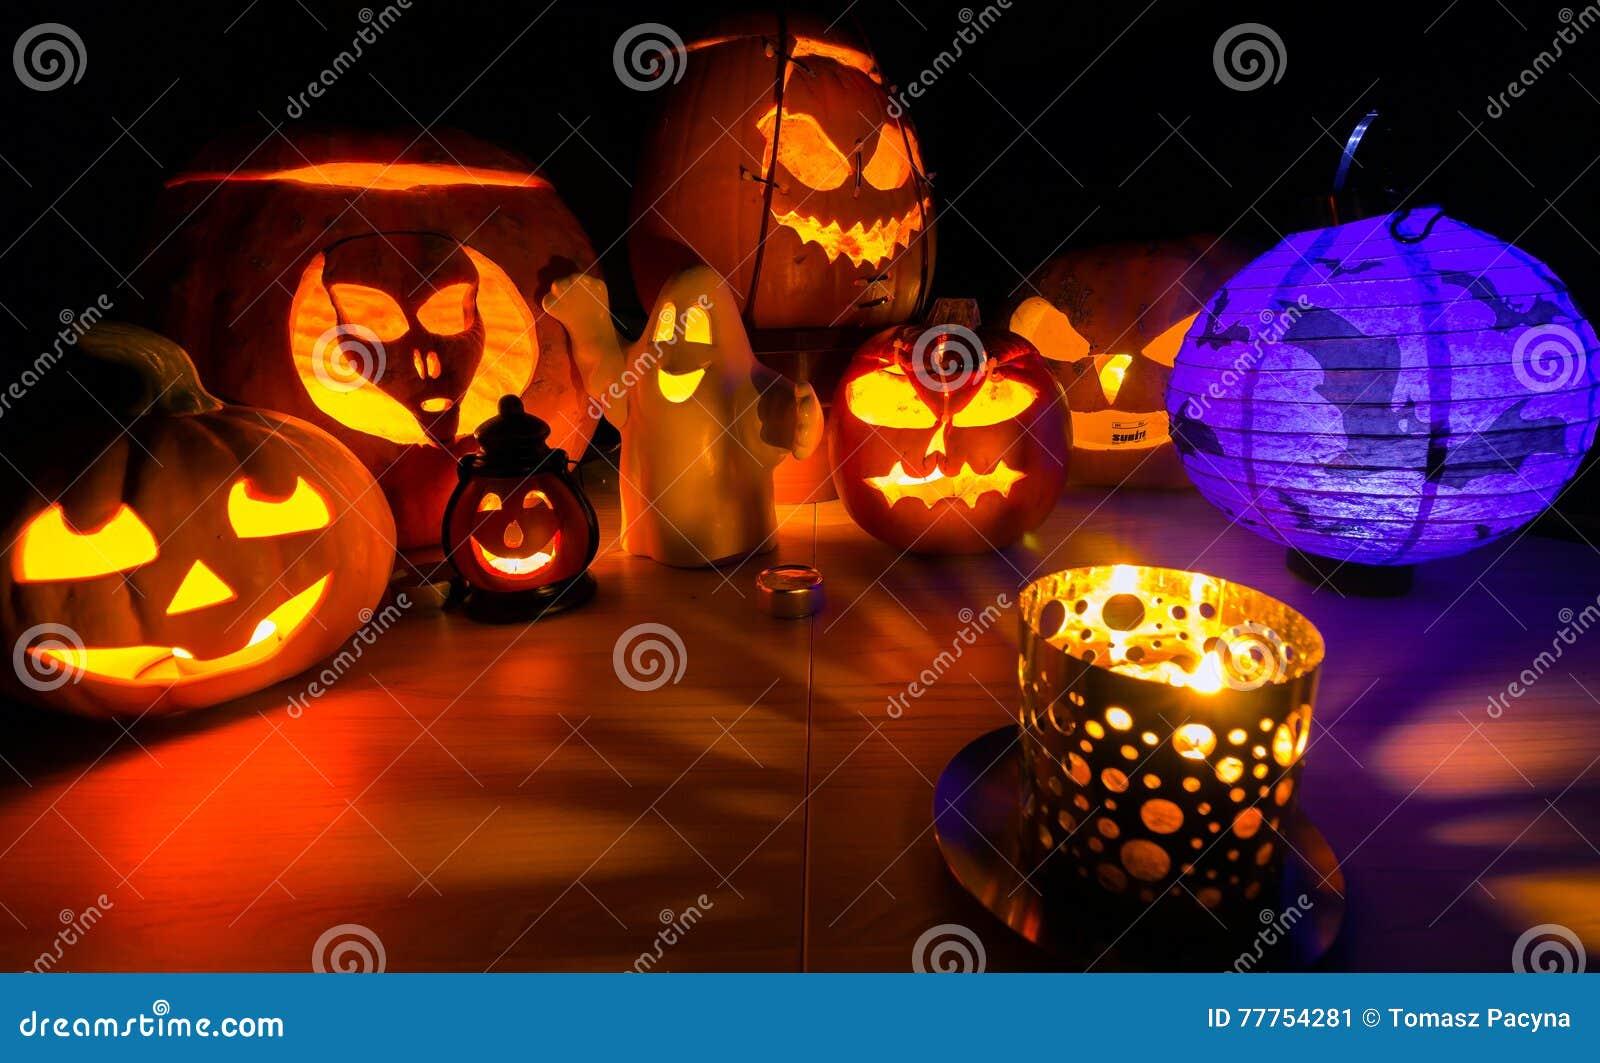 la calabaza de halloween que brilla intensamente, calienta la luz de